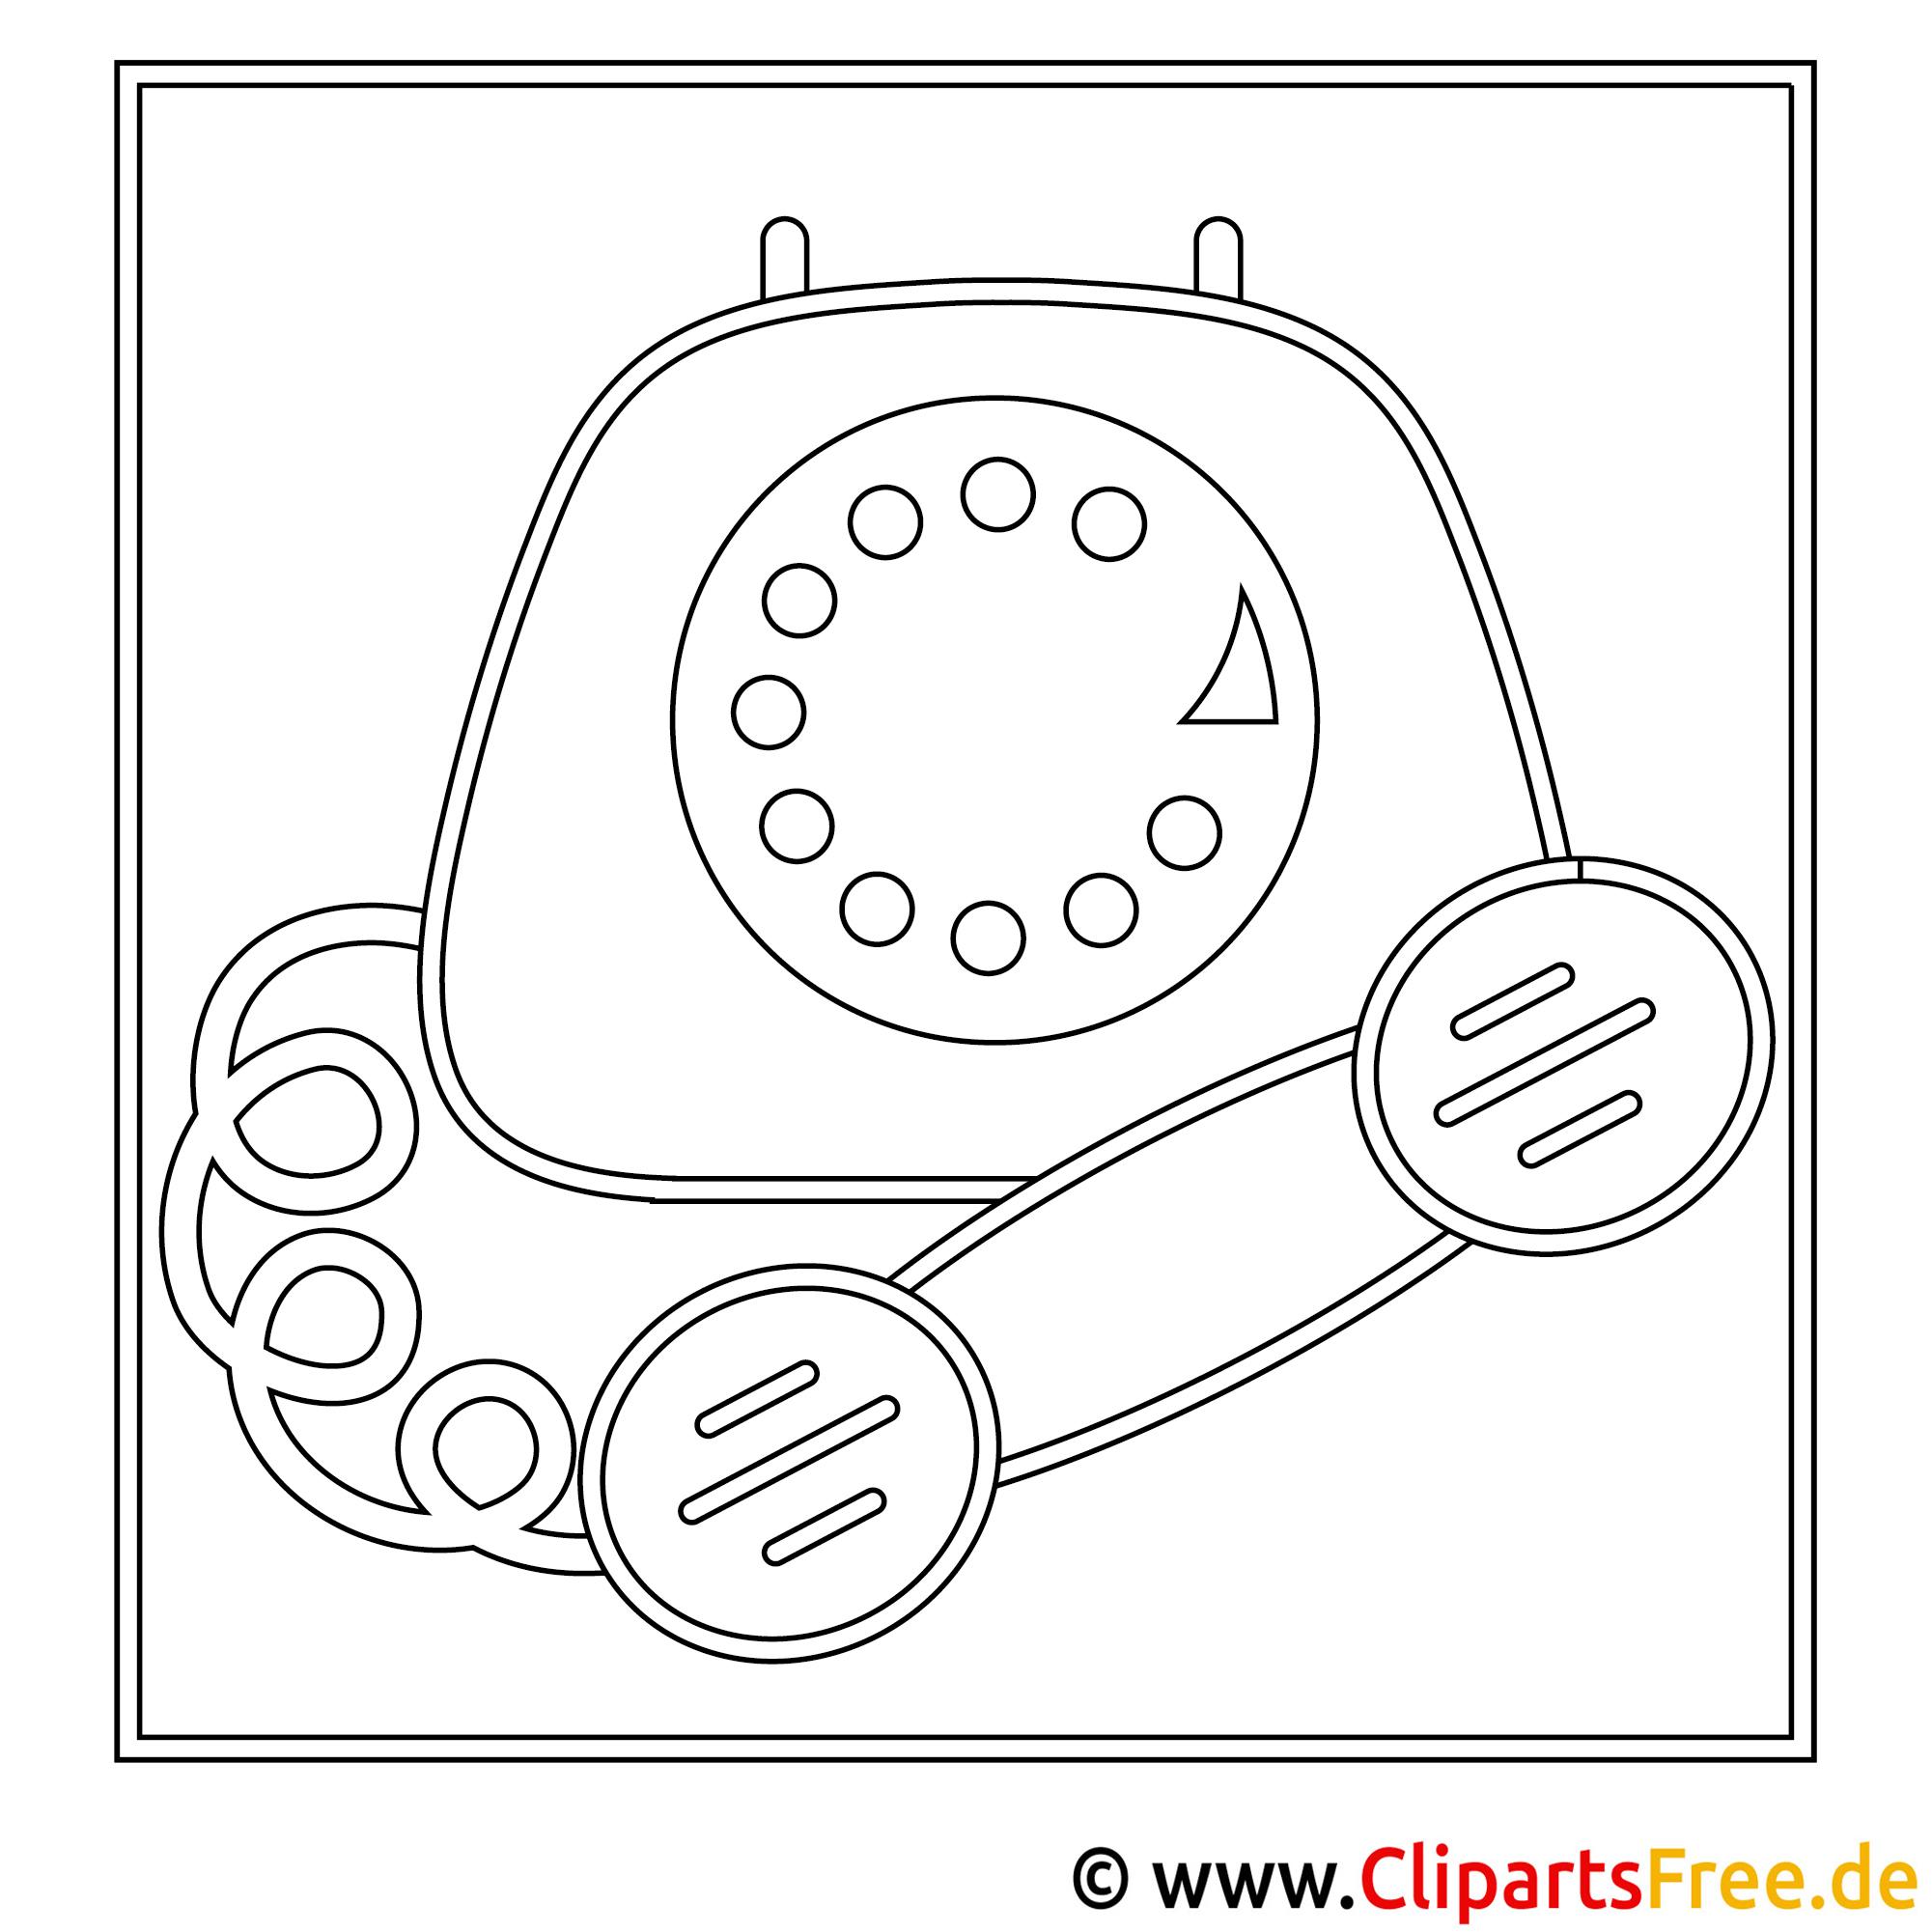 Telefon Bild zum Ausmalen, Malvorlage